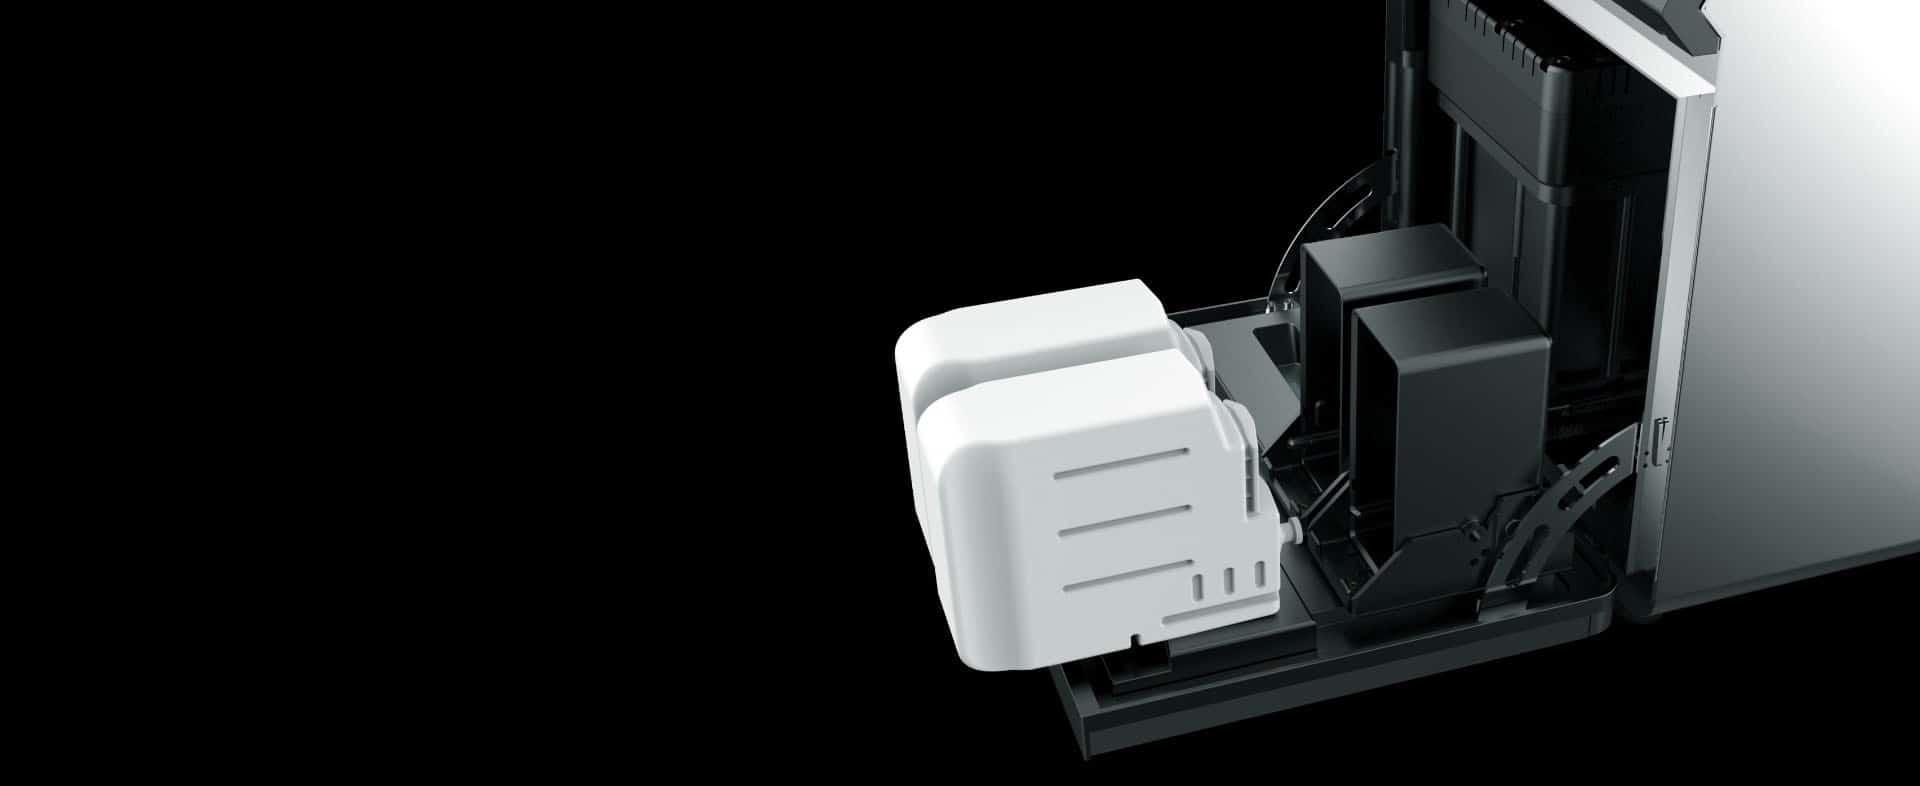 Краплеструменевий маркувальник Fastjet F550 Plus Fastjet F530 Plus картриджі